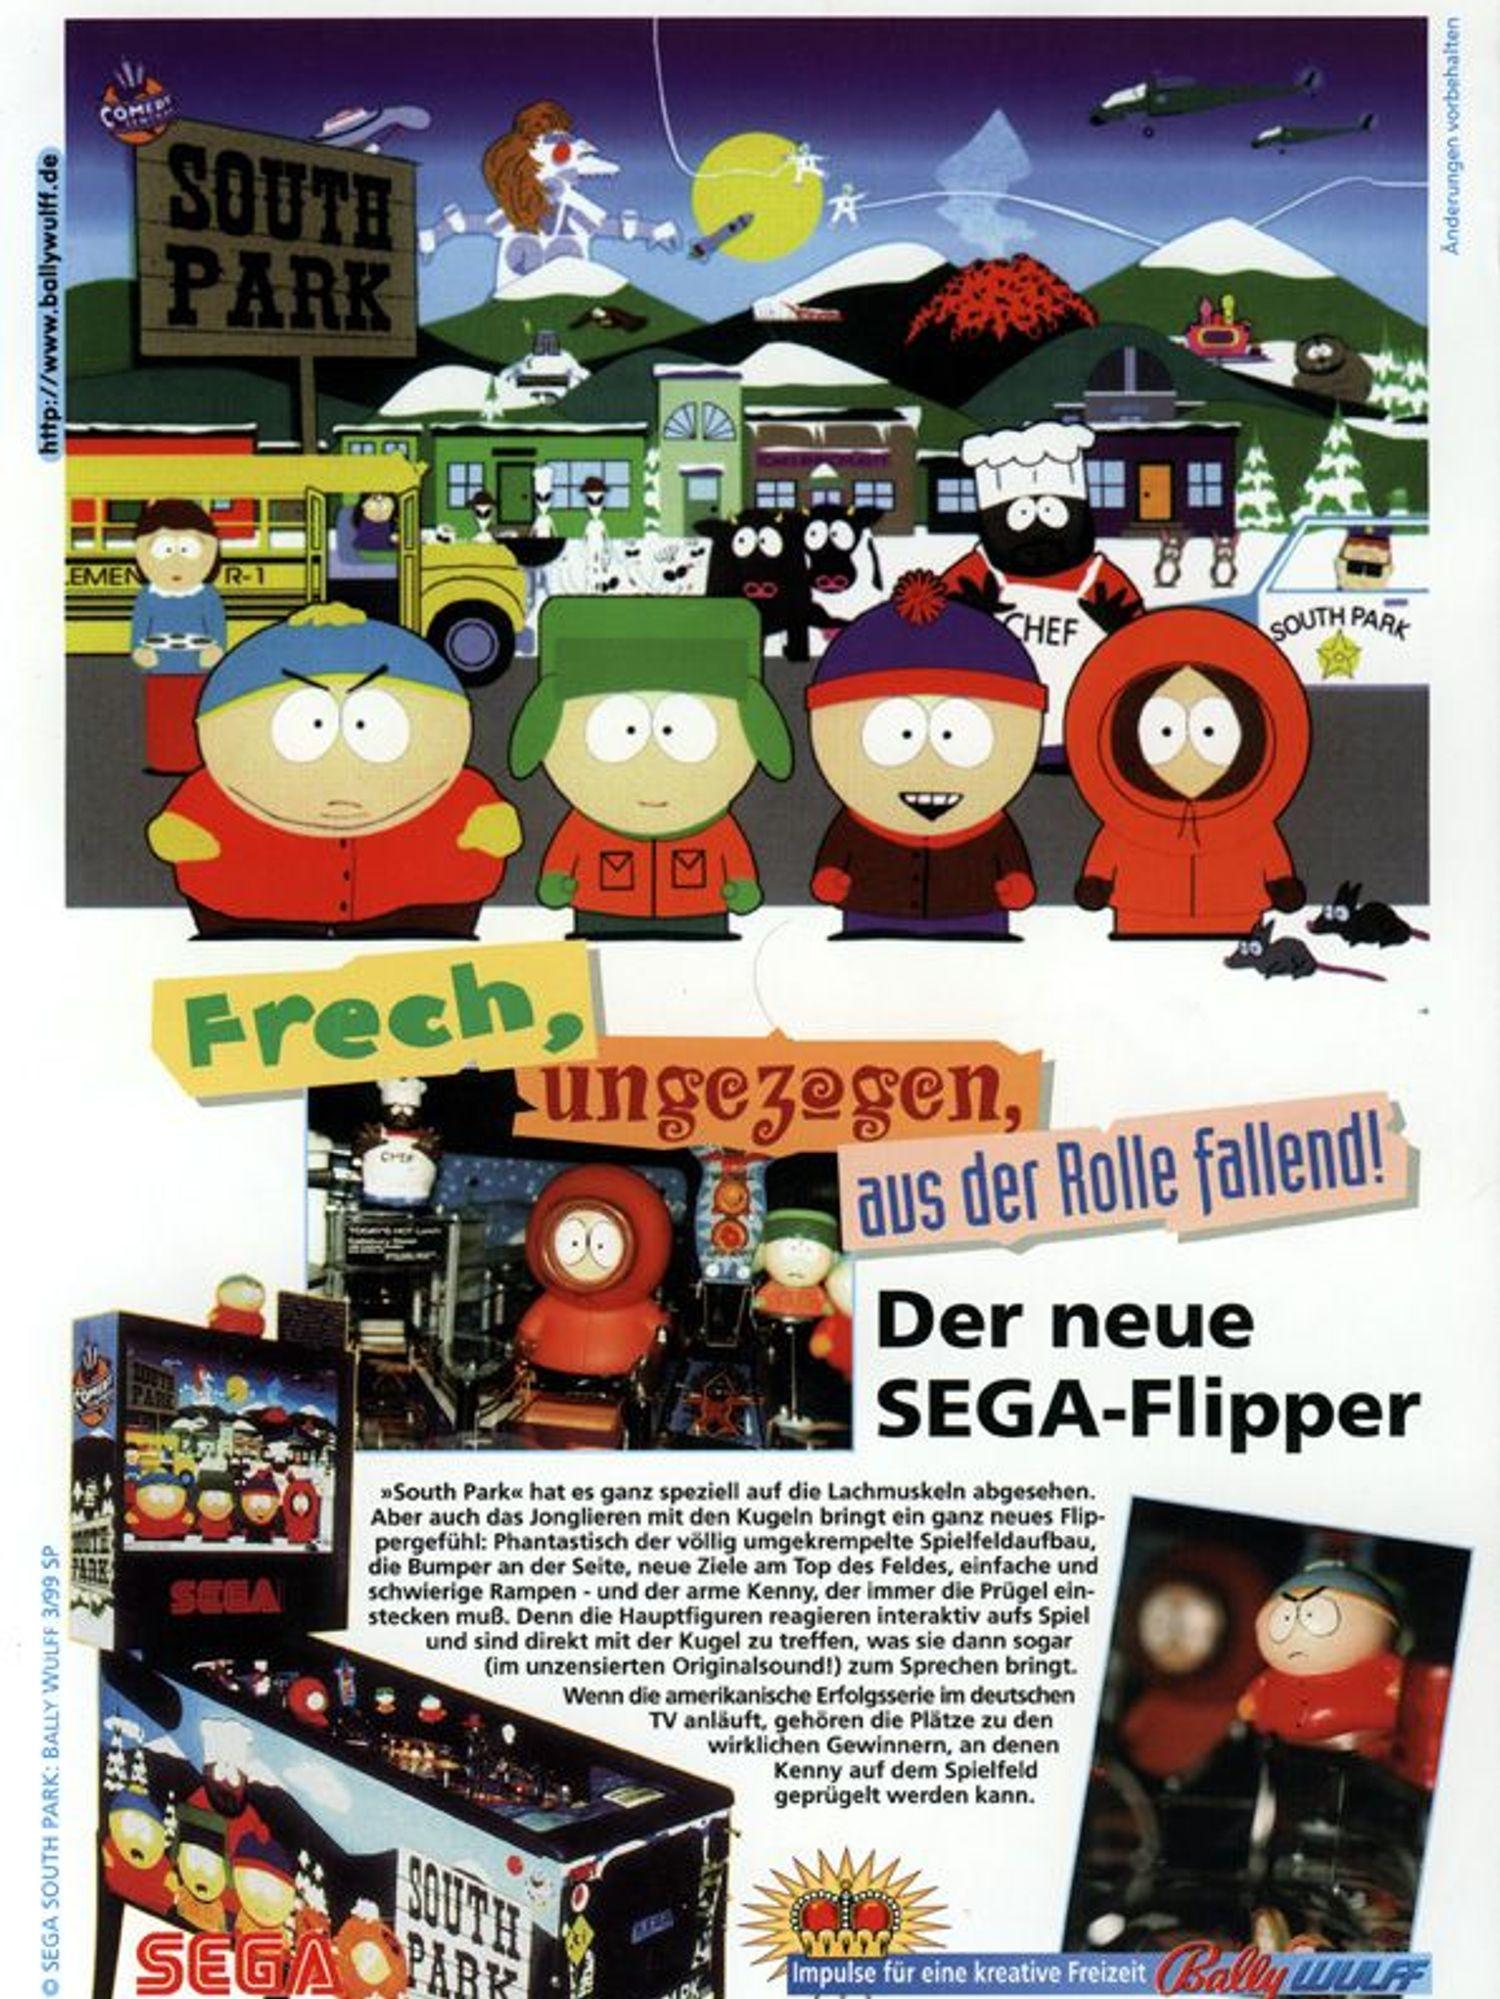 South Park Flyer Deutsch